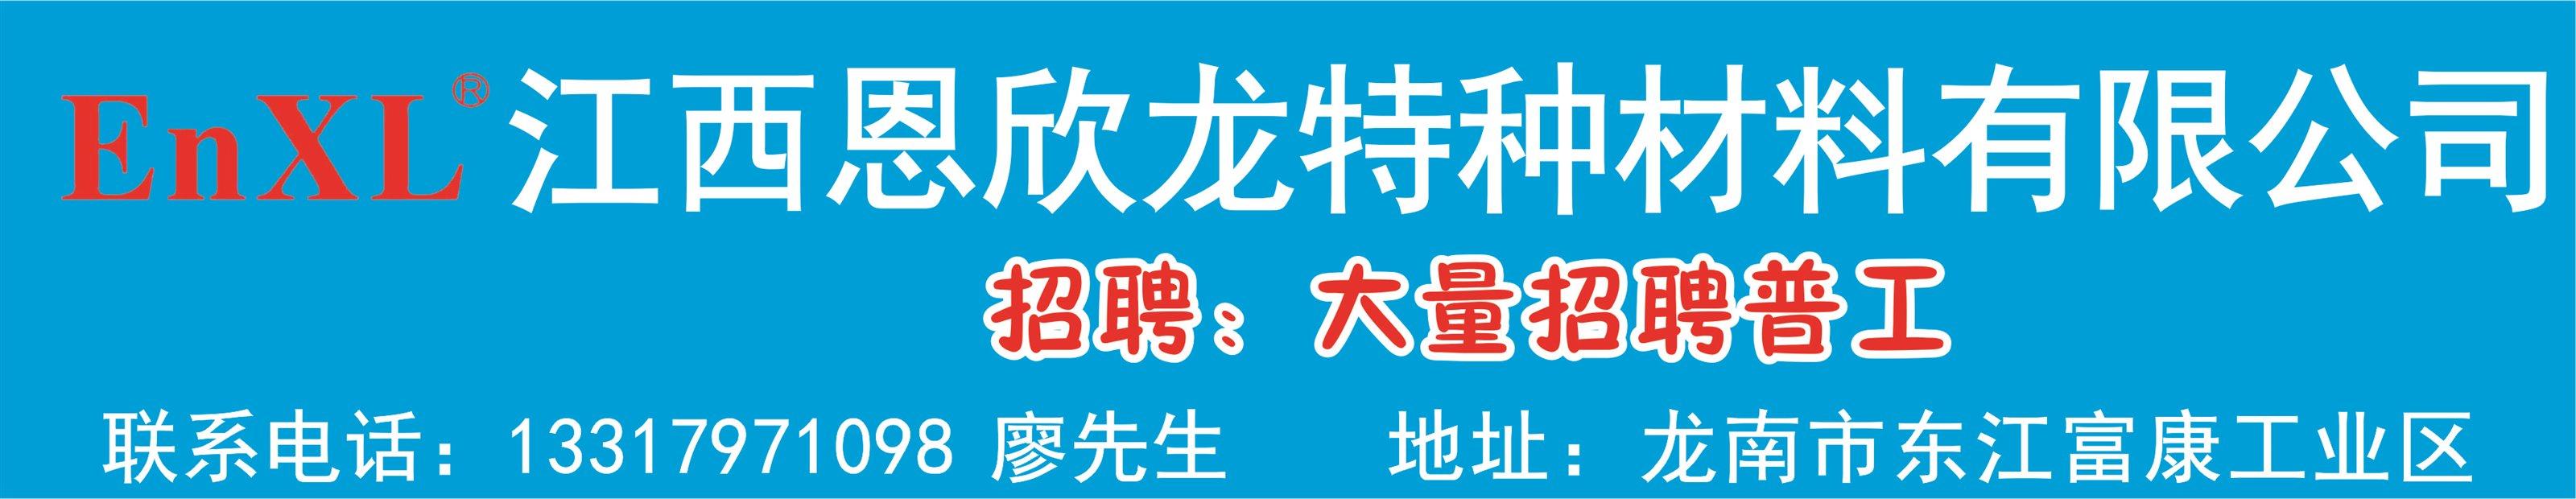 江西恩欣龙特种材料有限公司